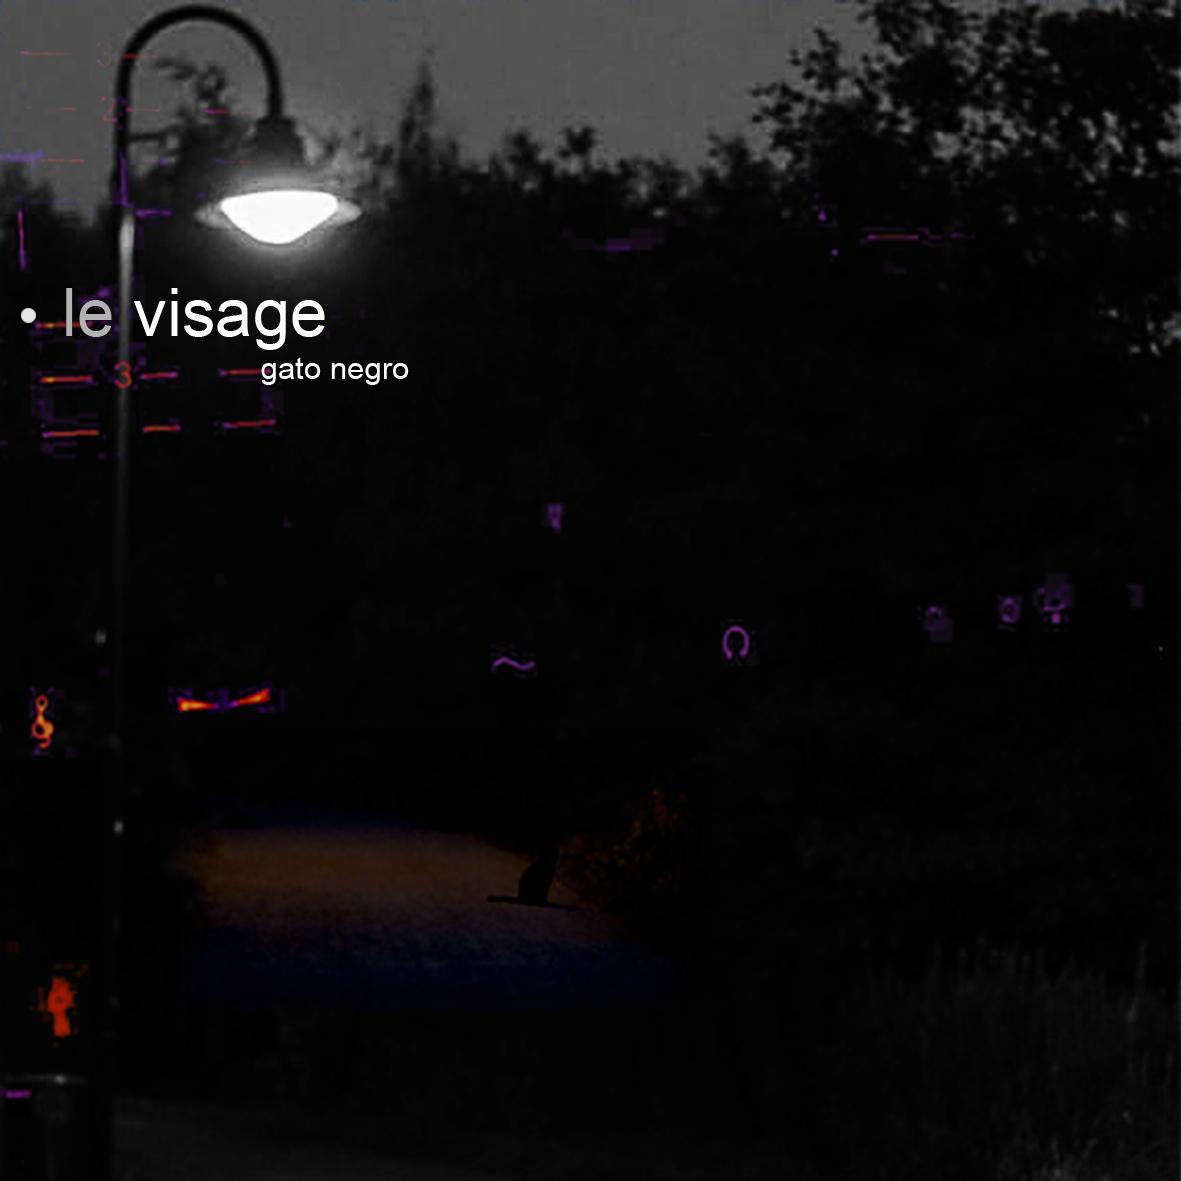 chill20-08 - Le Visage - Gato Negro